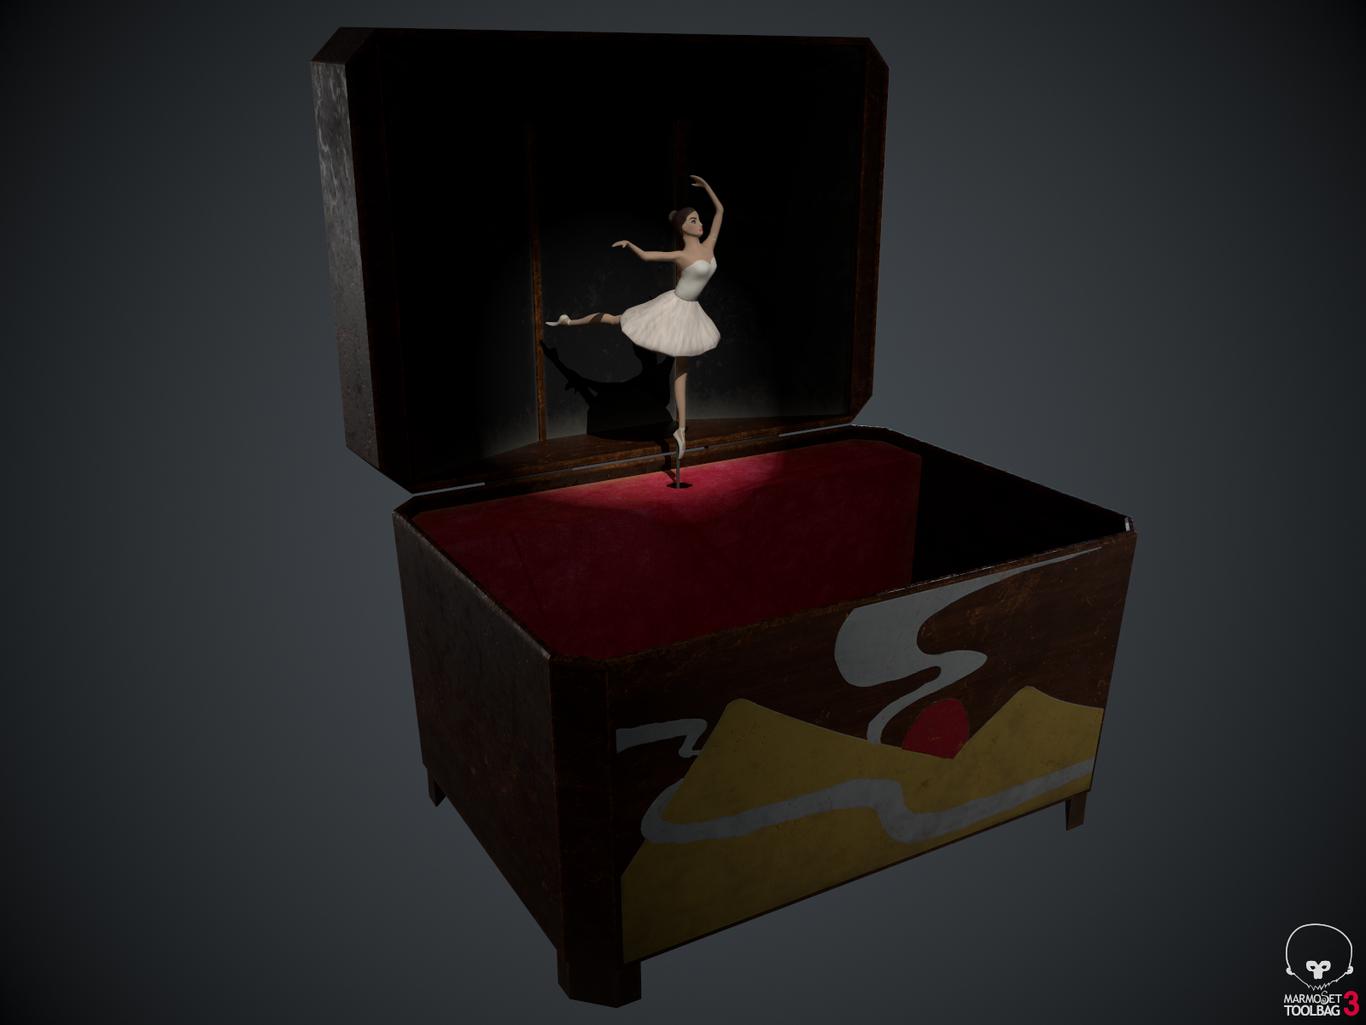 Joeschmojh ballerina music box 1 f295d666 1s6d